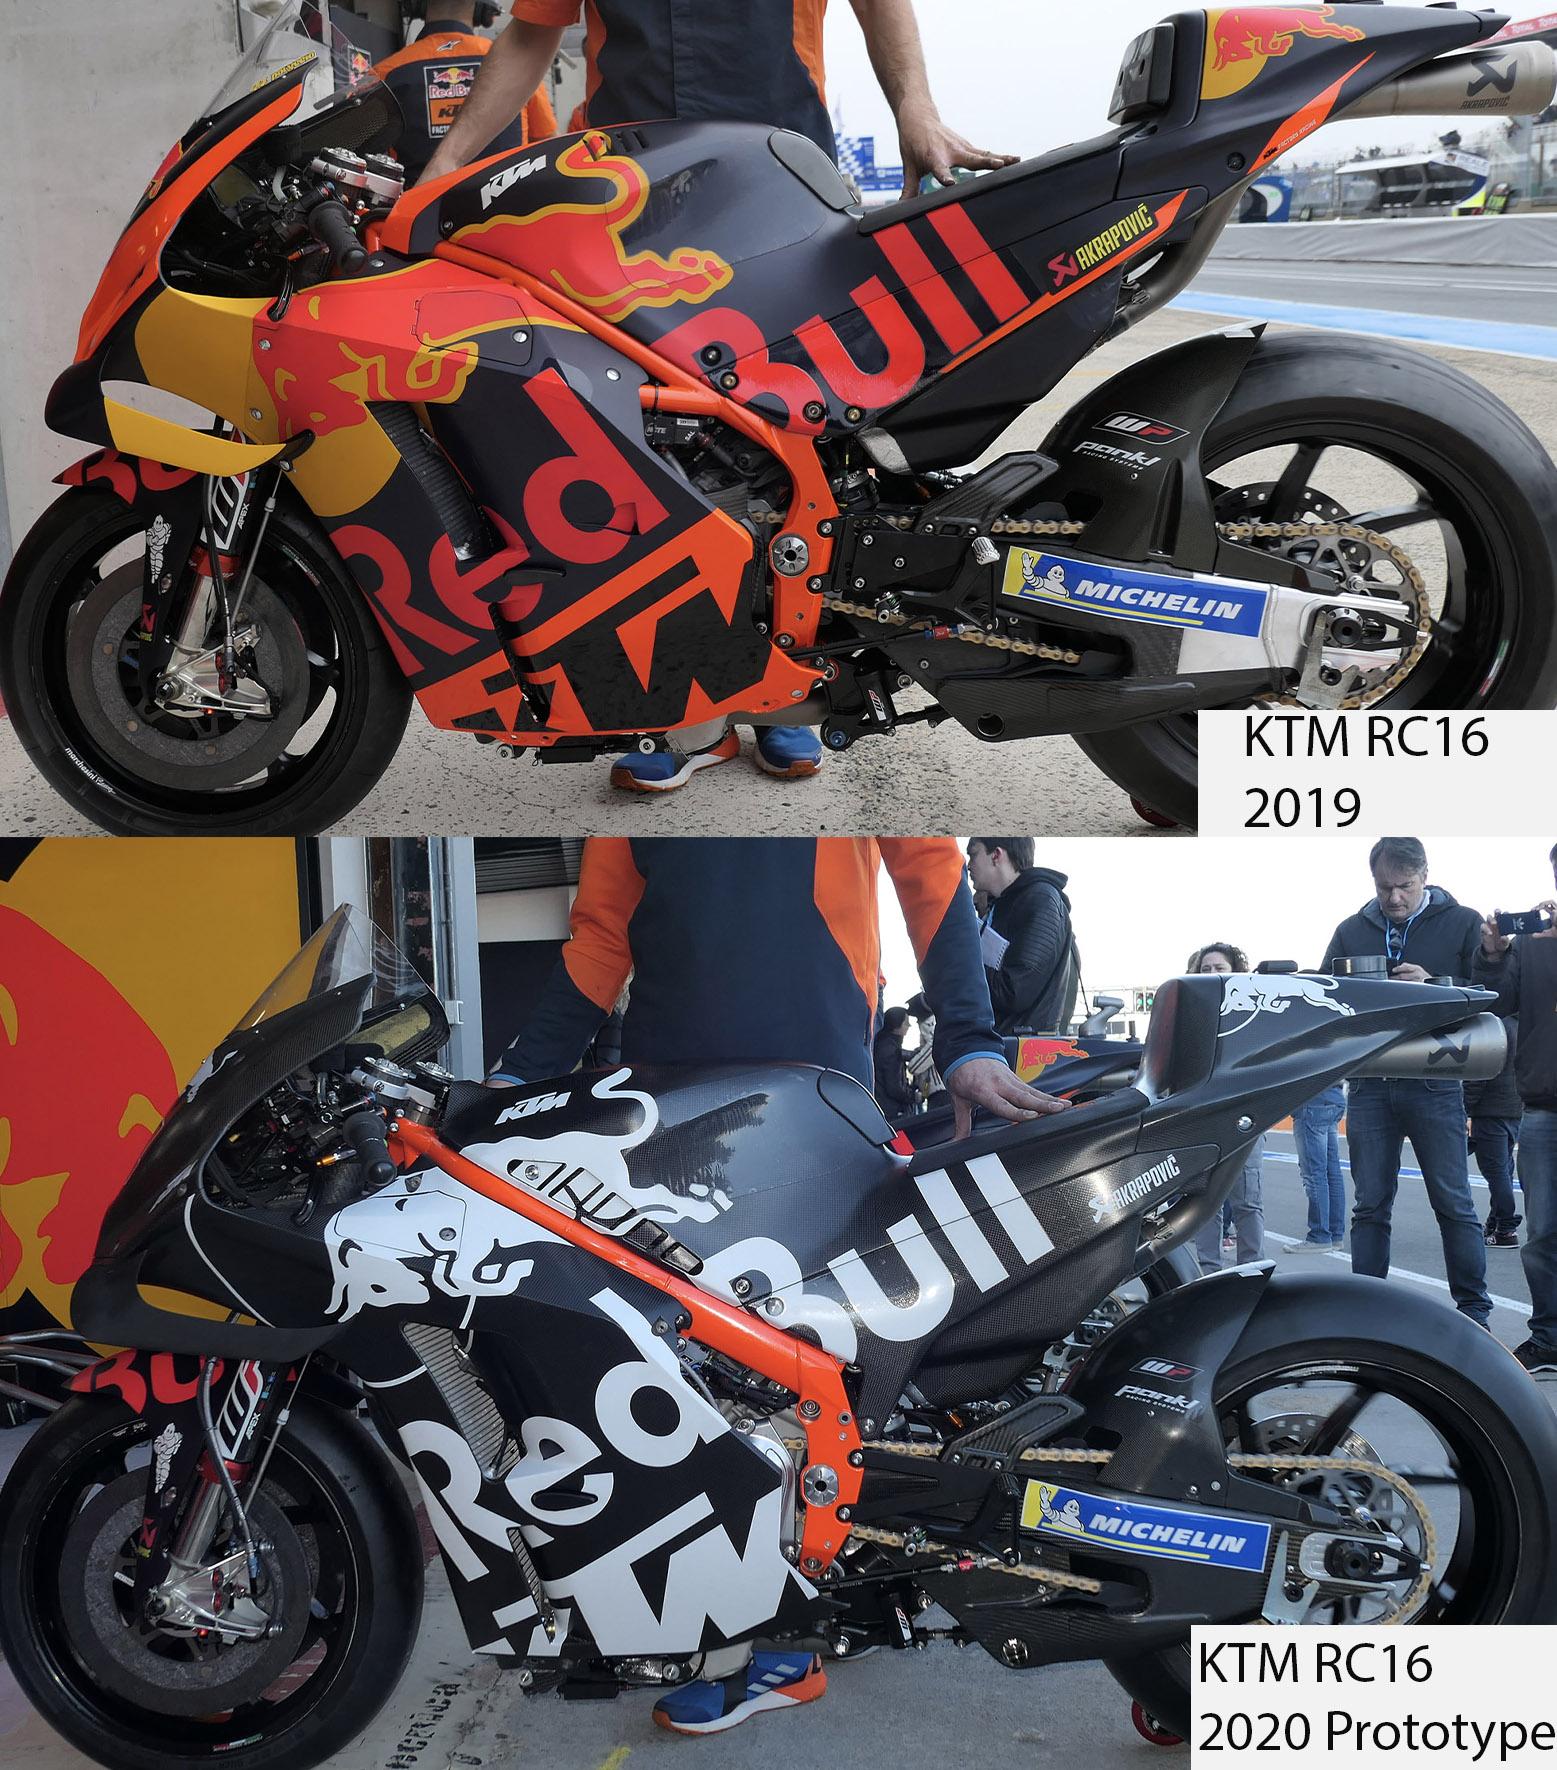 KTM's RC16 2019 and 2020 prototype bikes